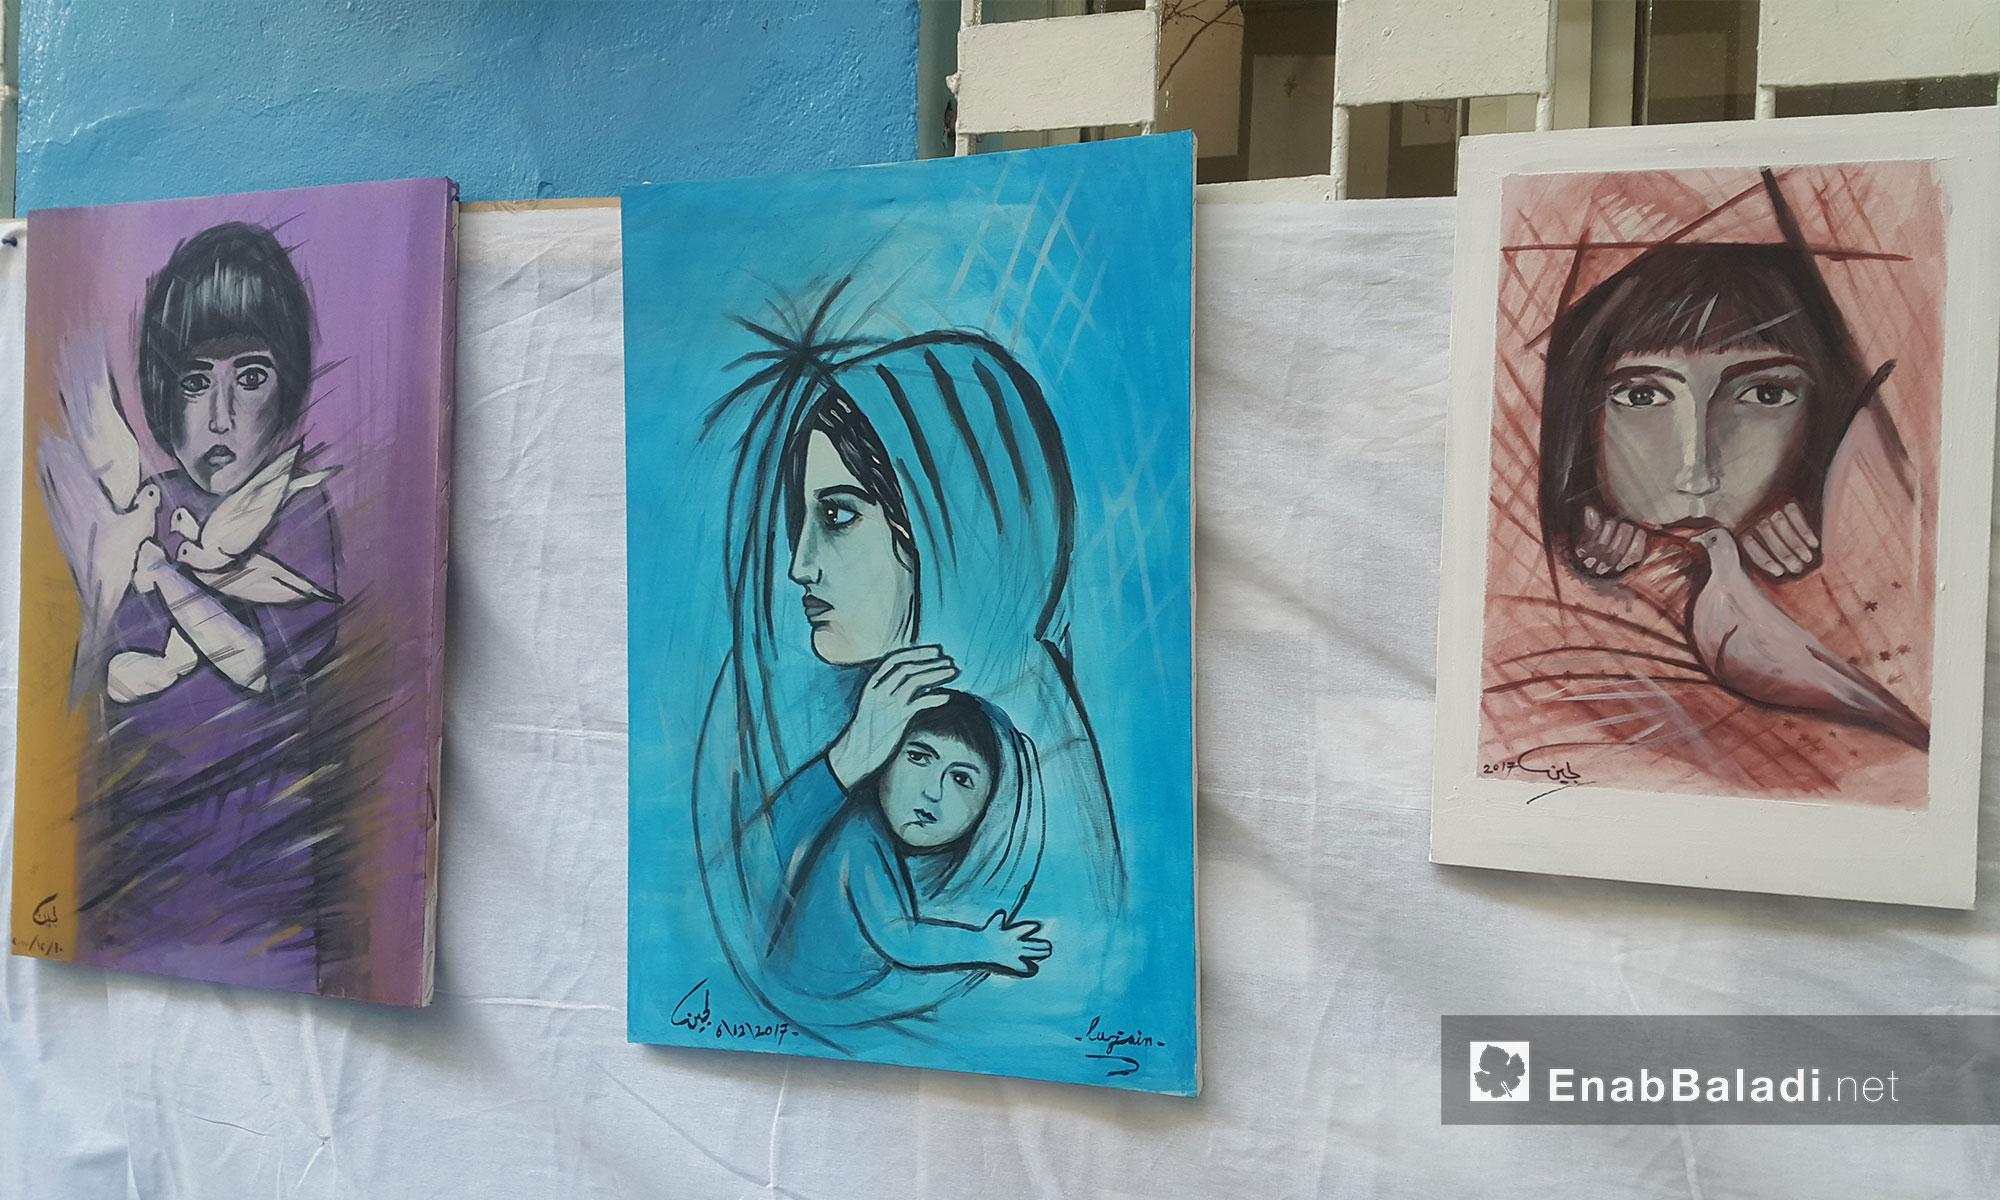 """لوحات مشاركة في معرض """"إنسان"""" بأيدٍ سورية في أورفة التركية - 2 شباط 2018 (عنب بلدي)"""